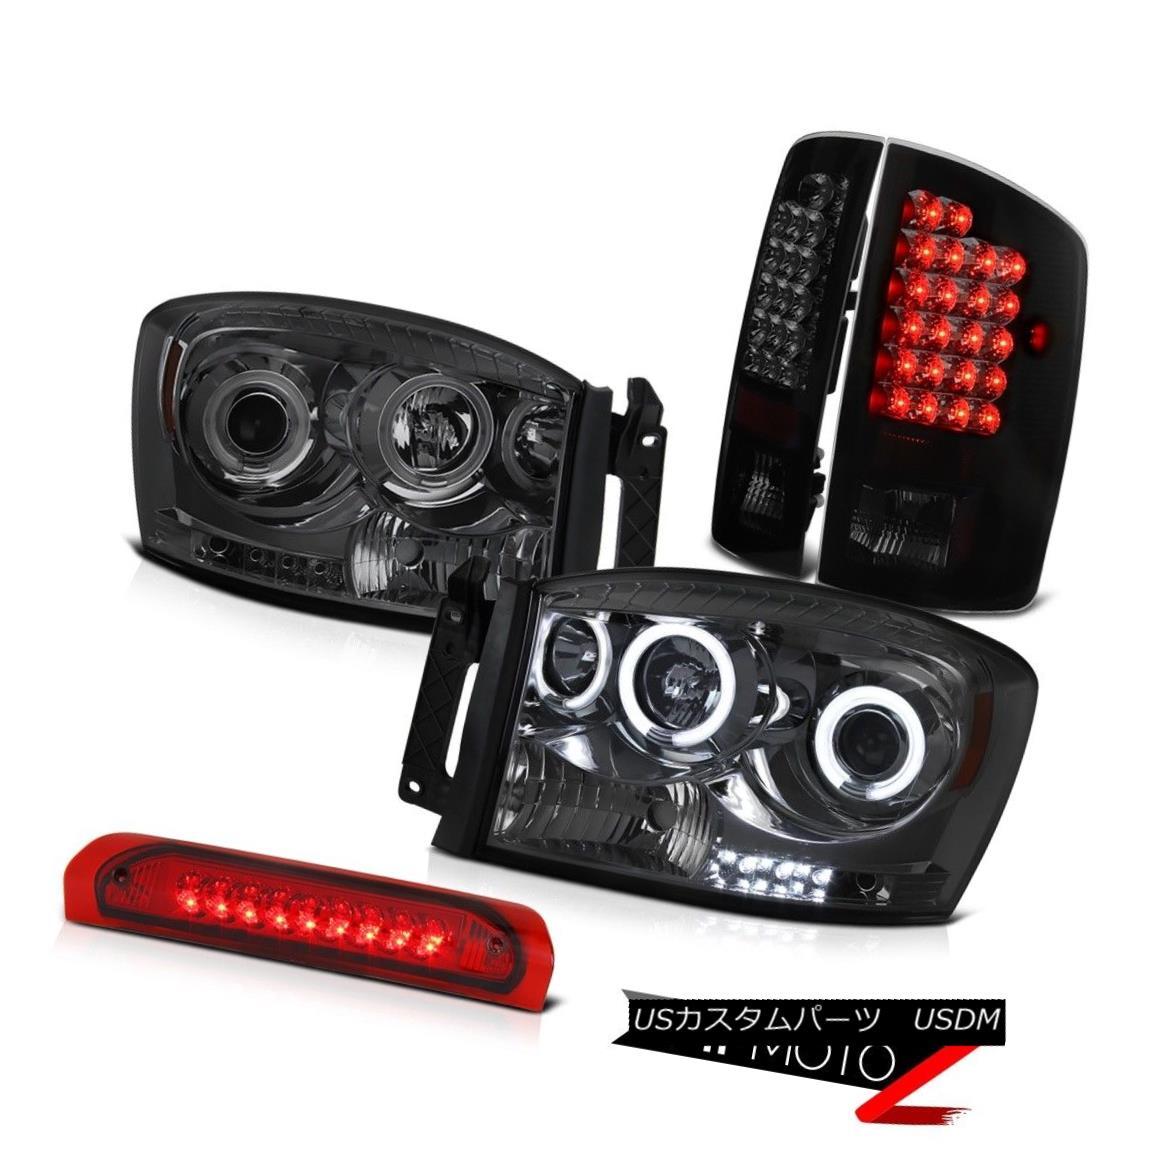 テールライト Sinister Black CCFL Halo Projector Headlight+LED Tail Lamp+3rd Brake Cargo HEMI 灰色のCCFLハロープロジェクターヘッドライト+ LEDテールランプ+第3ブレーキ貨物HEMI